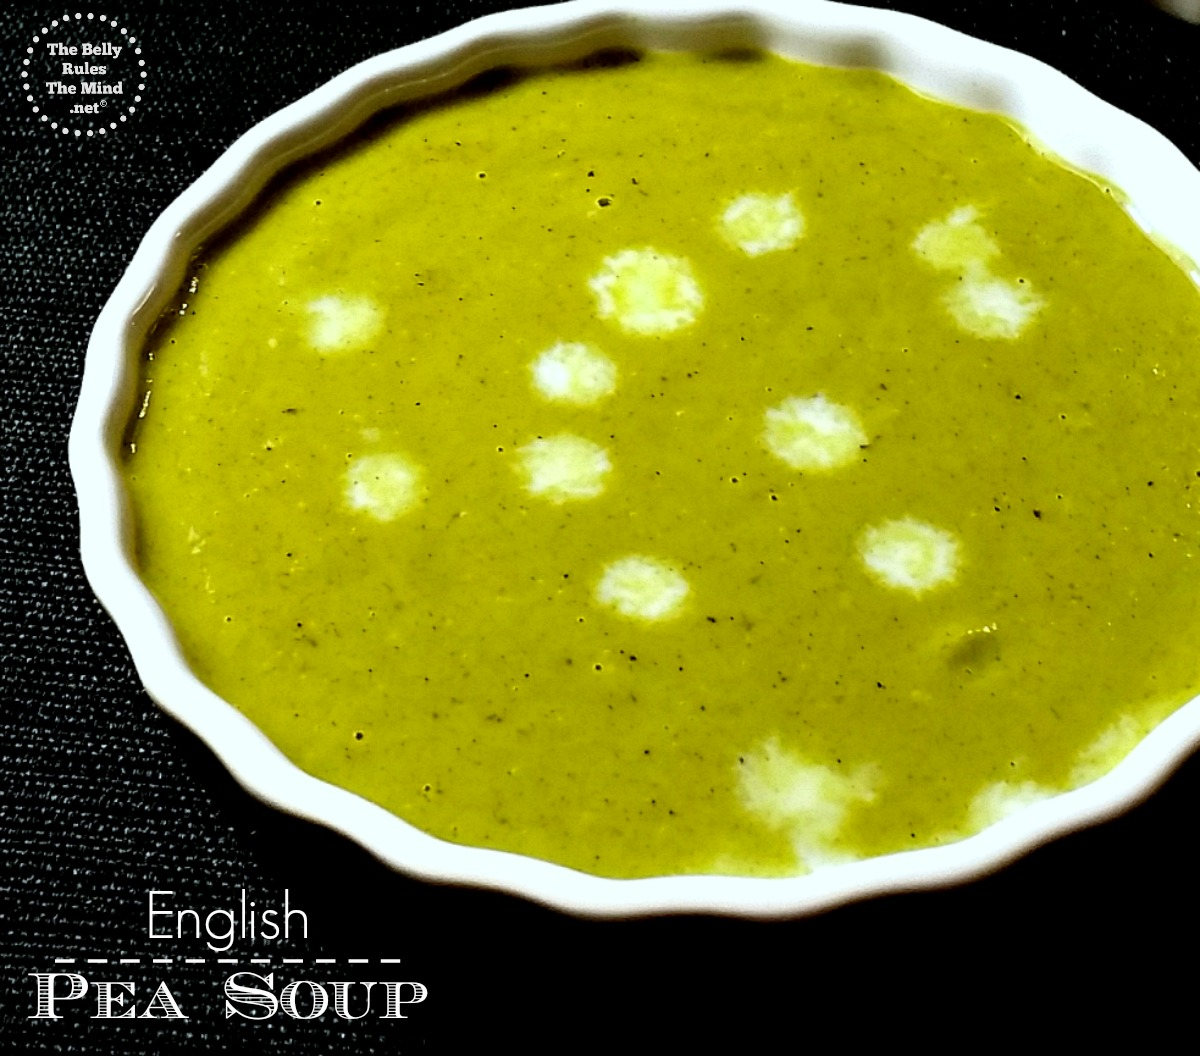 The English Pea Soup